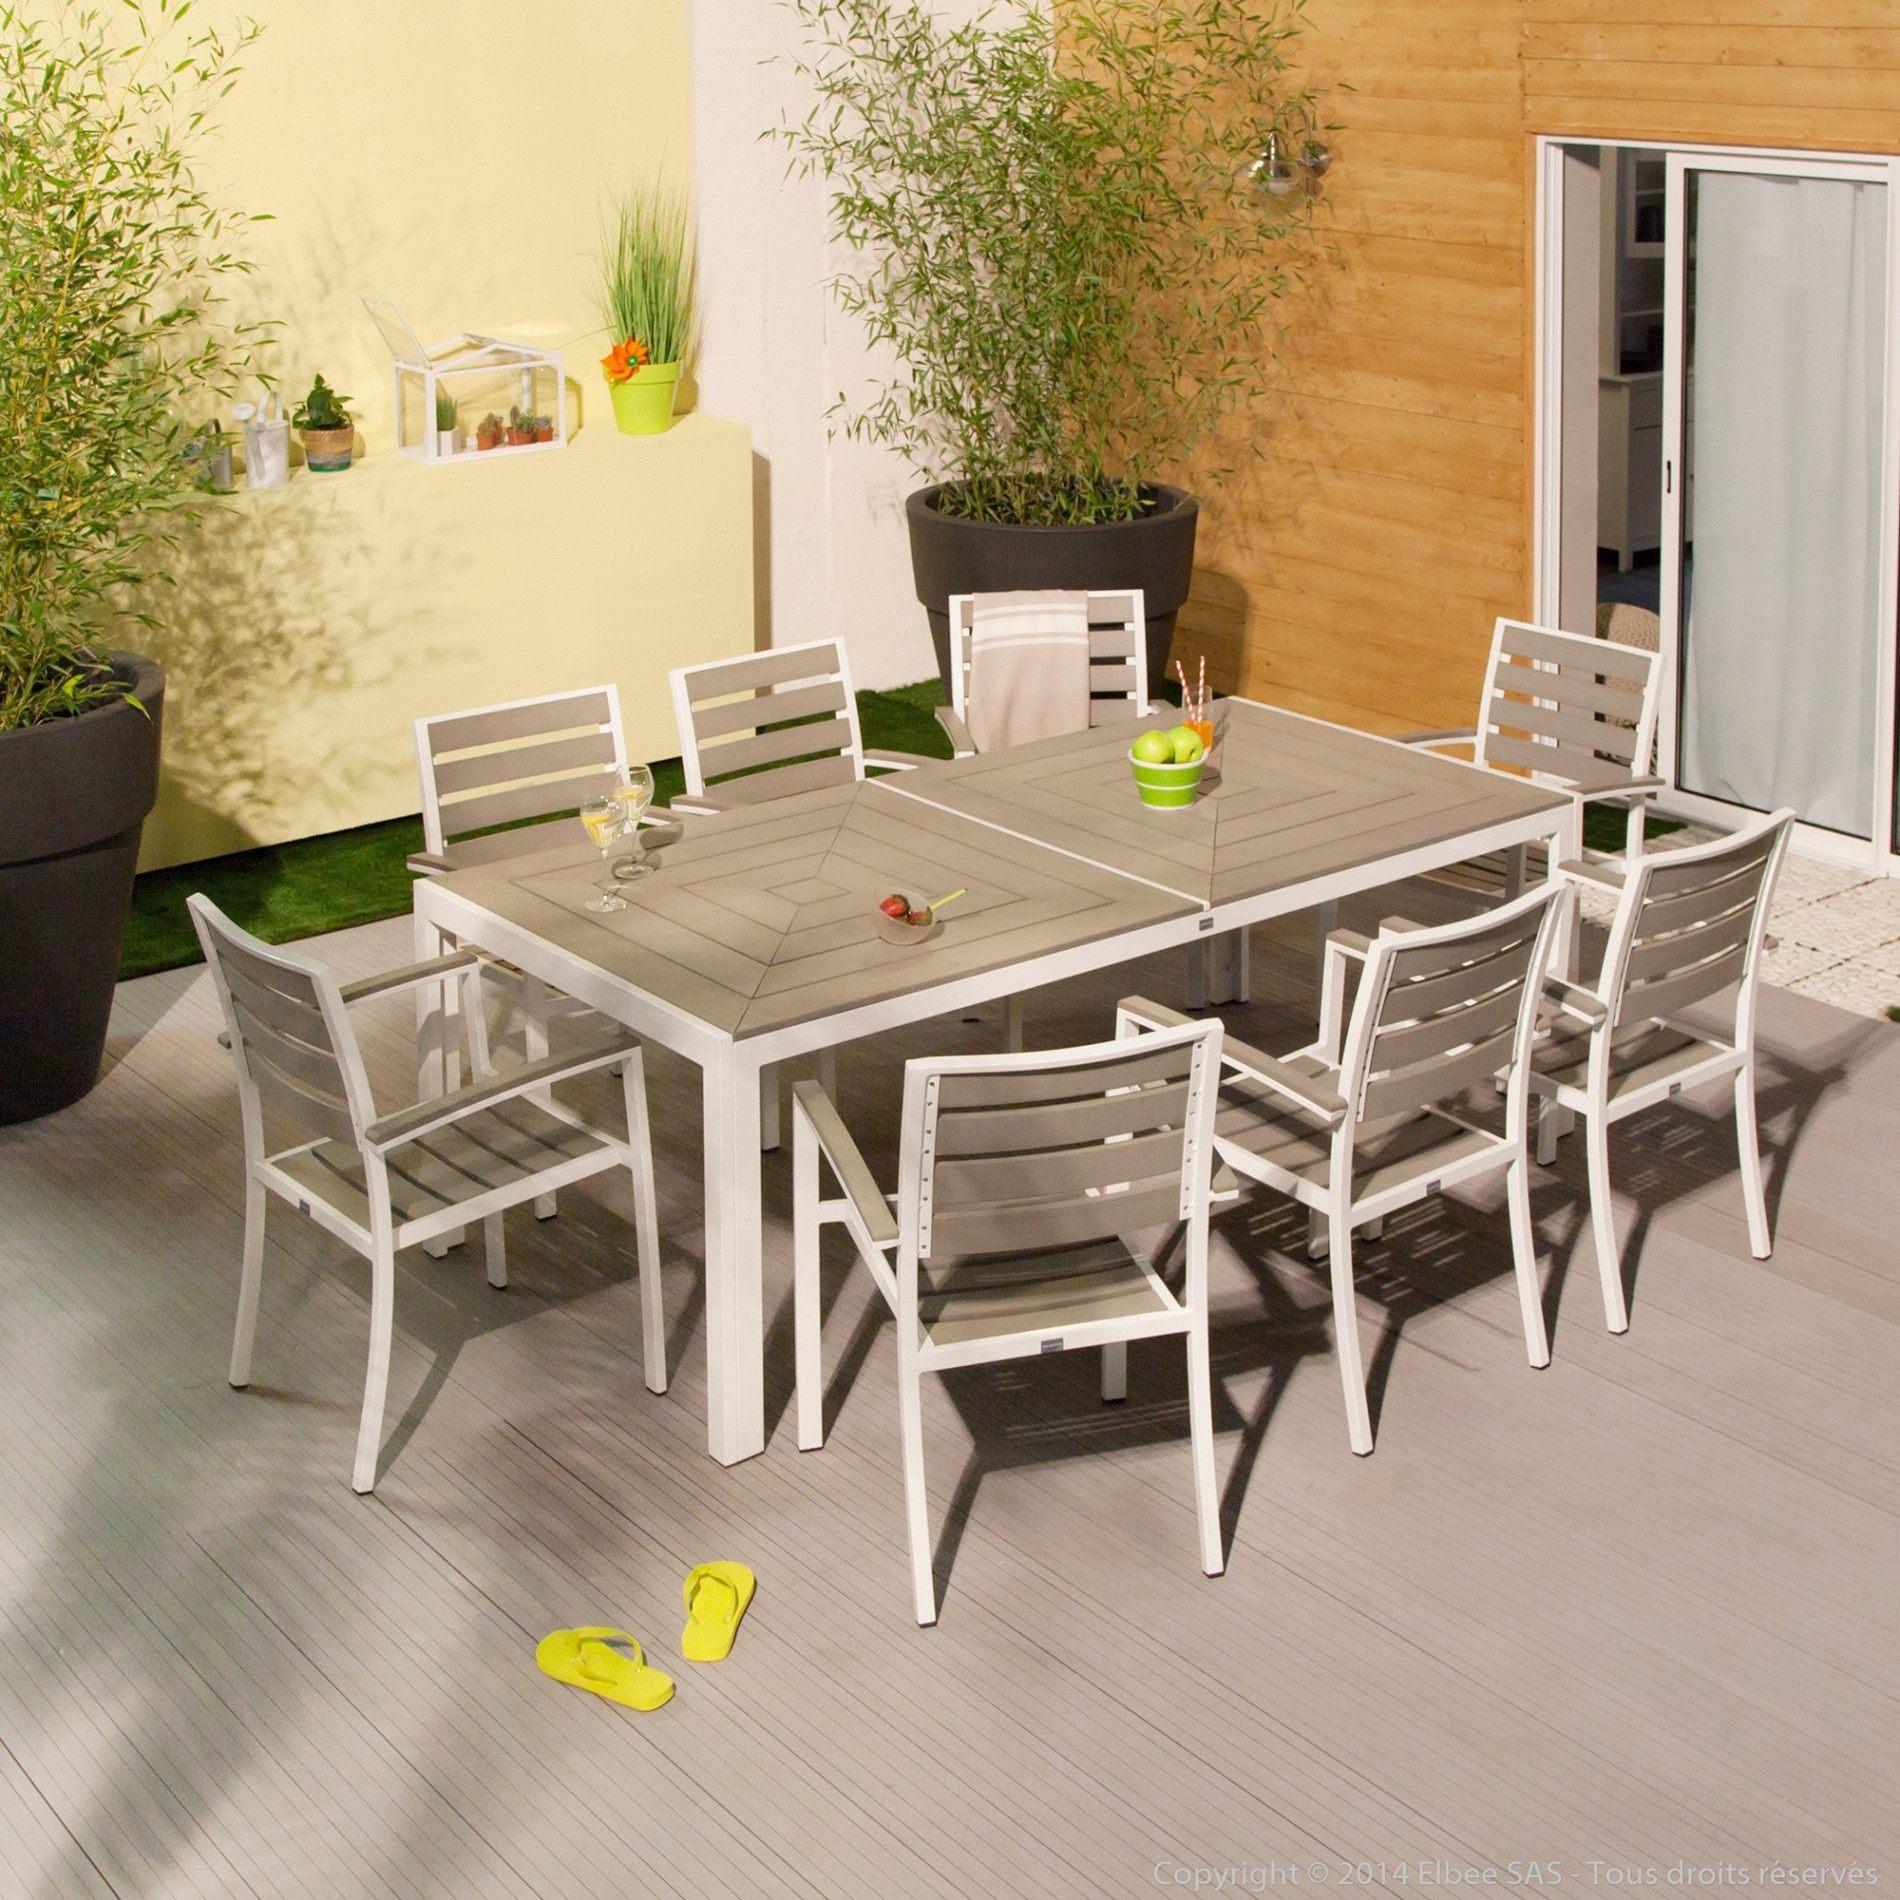 Salon De Jardin Blanc Plastique Unique Table Terrasse Pas ... intérieur Salon De Jardin En Plastique Pas Cher